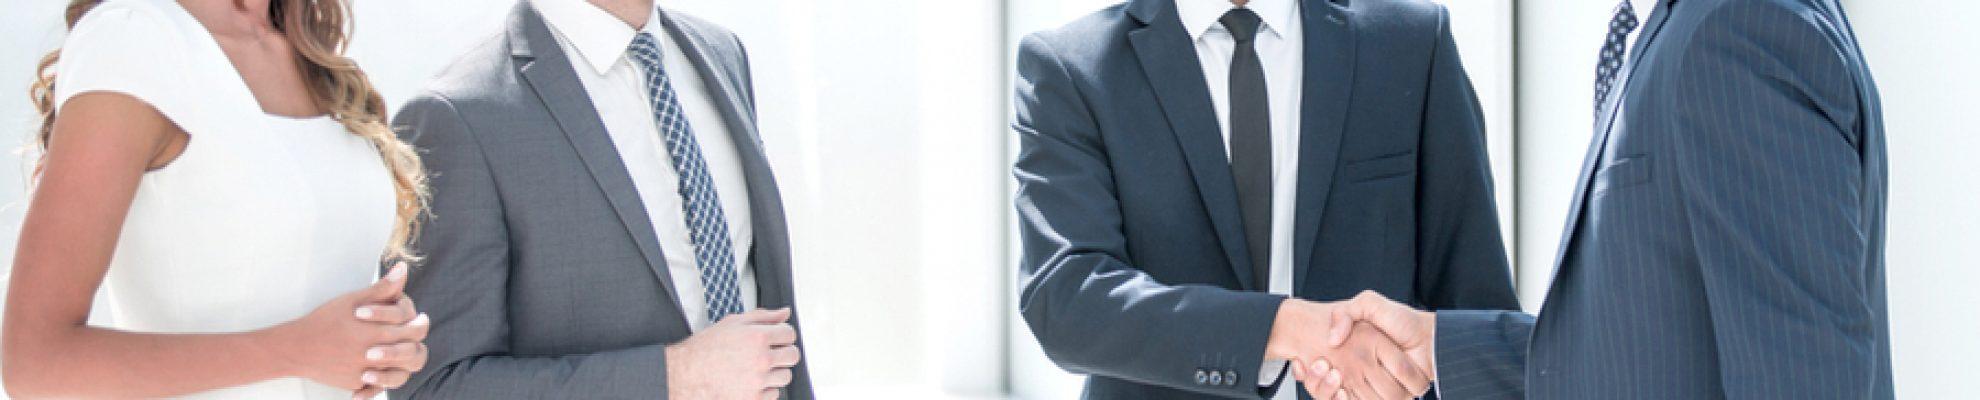 impacts sur la relation client